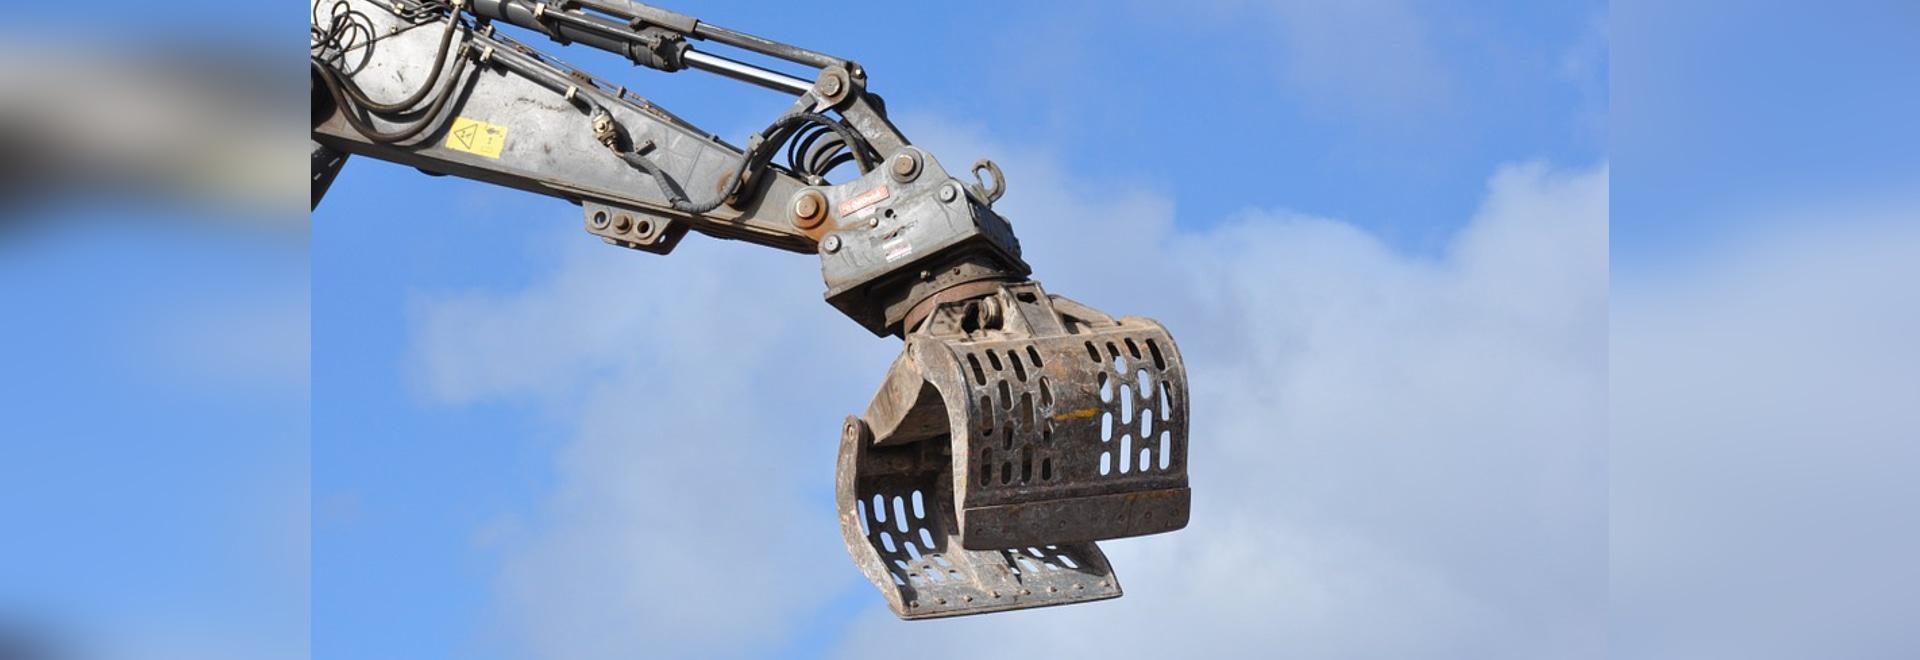 Se puede utilizar para el excavador la matanza llevando piezas de recambio